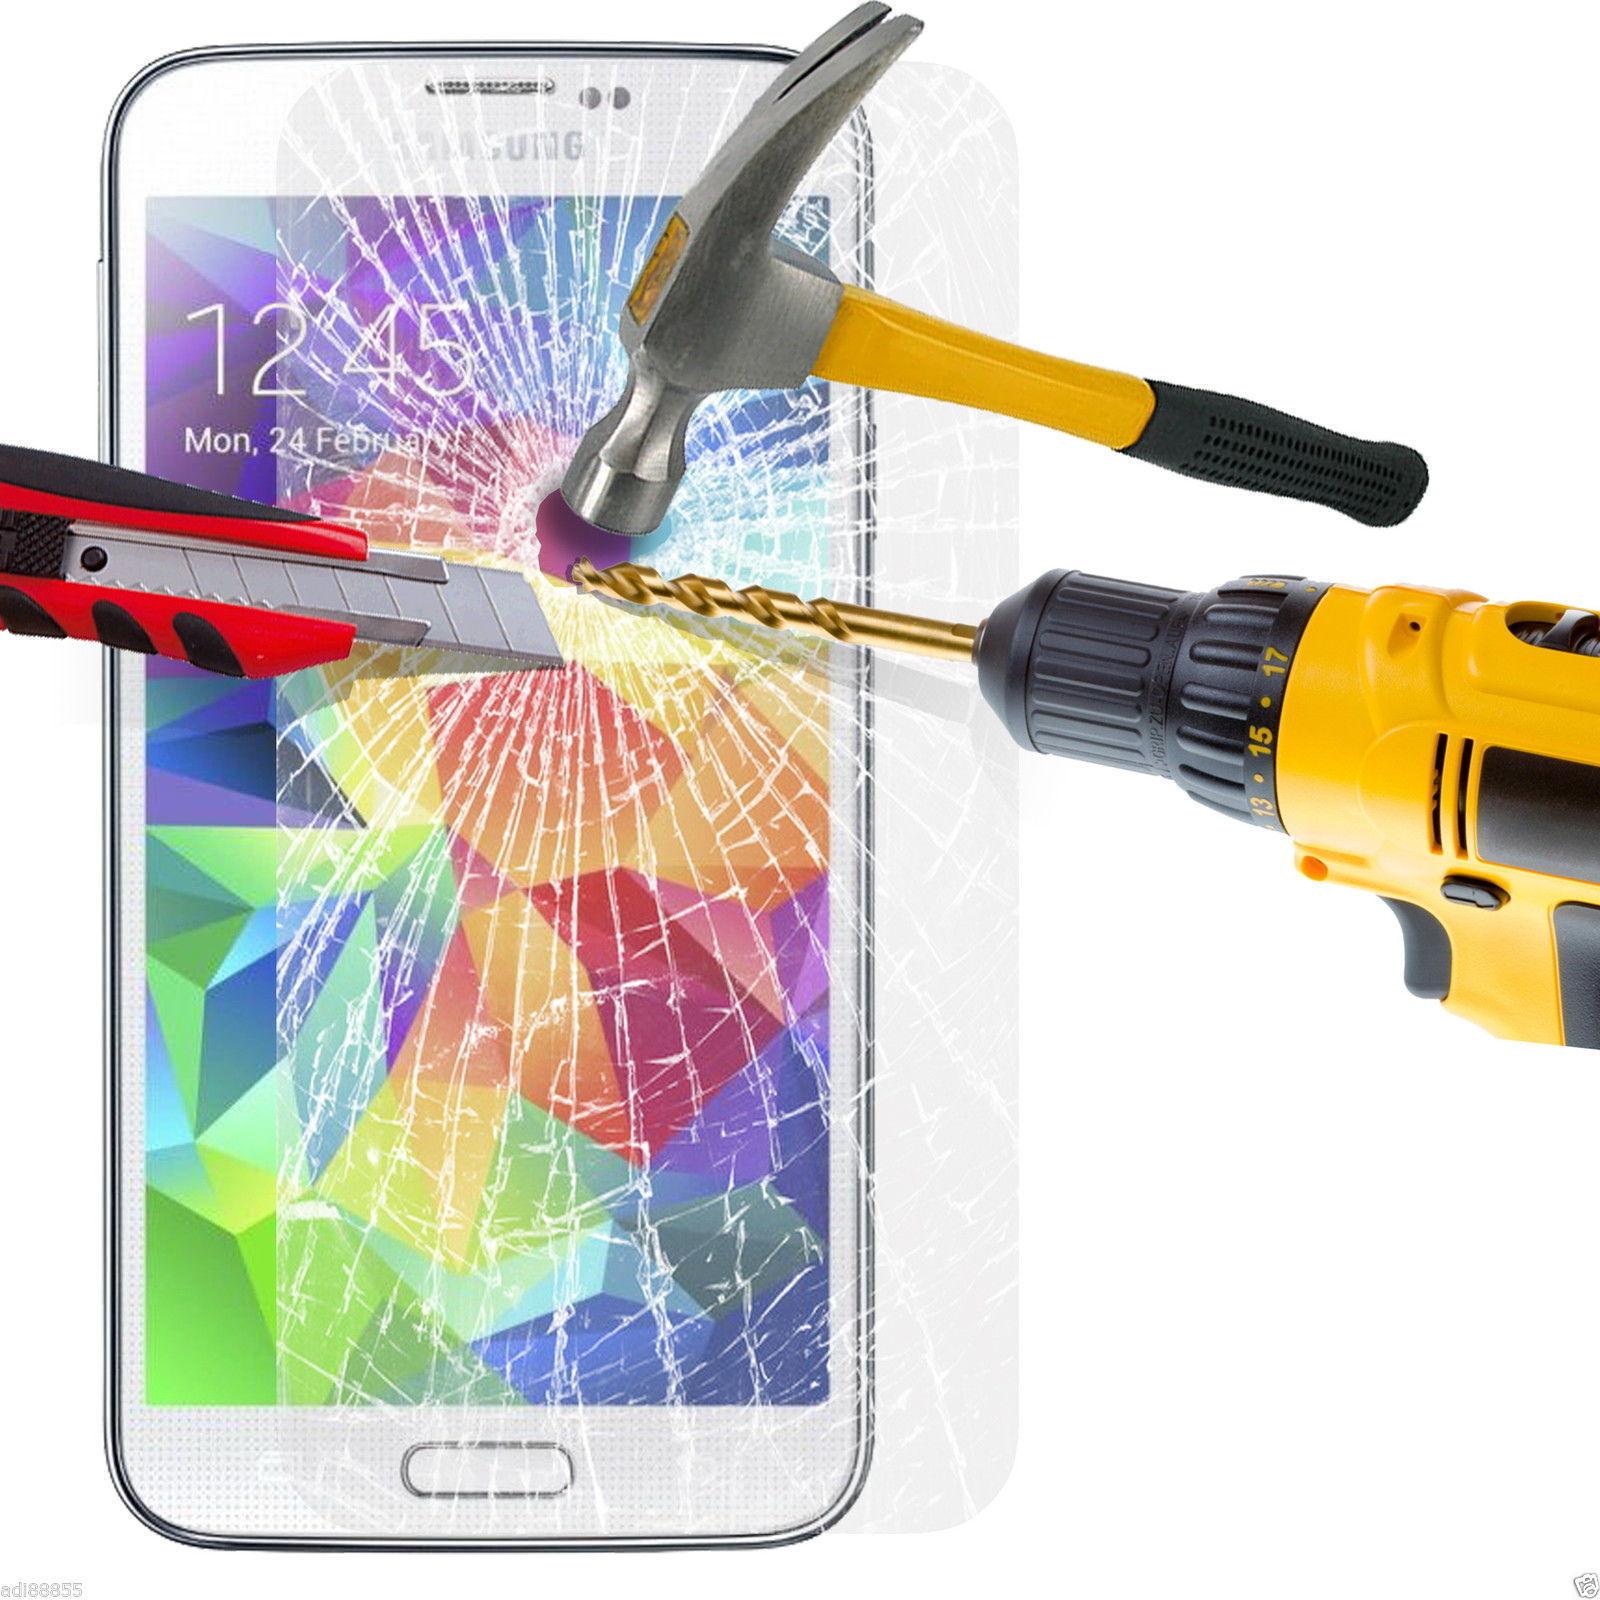 Ochranné Temperované tvrzené sklo pro Samsung Galaxy Grand Prime G530 (Tvrzenné temperované ochranné sklo Samsung Galaxy Grand Prime G530 / VE G531)